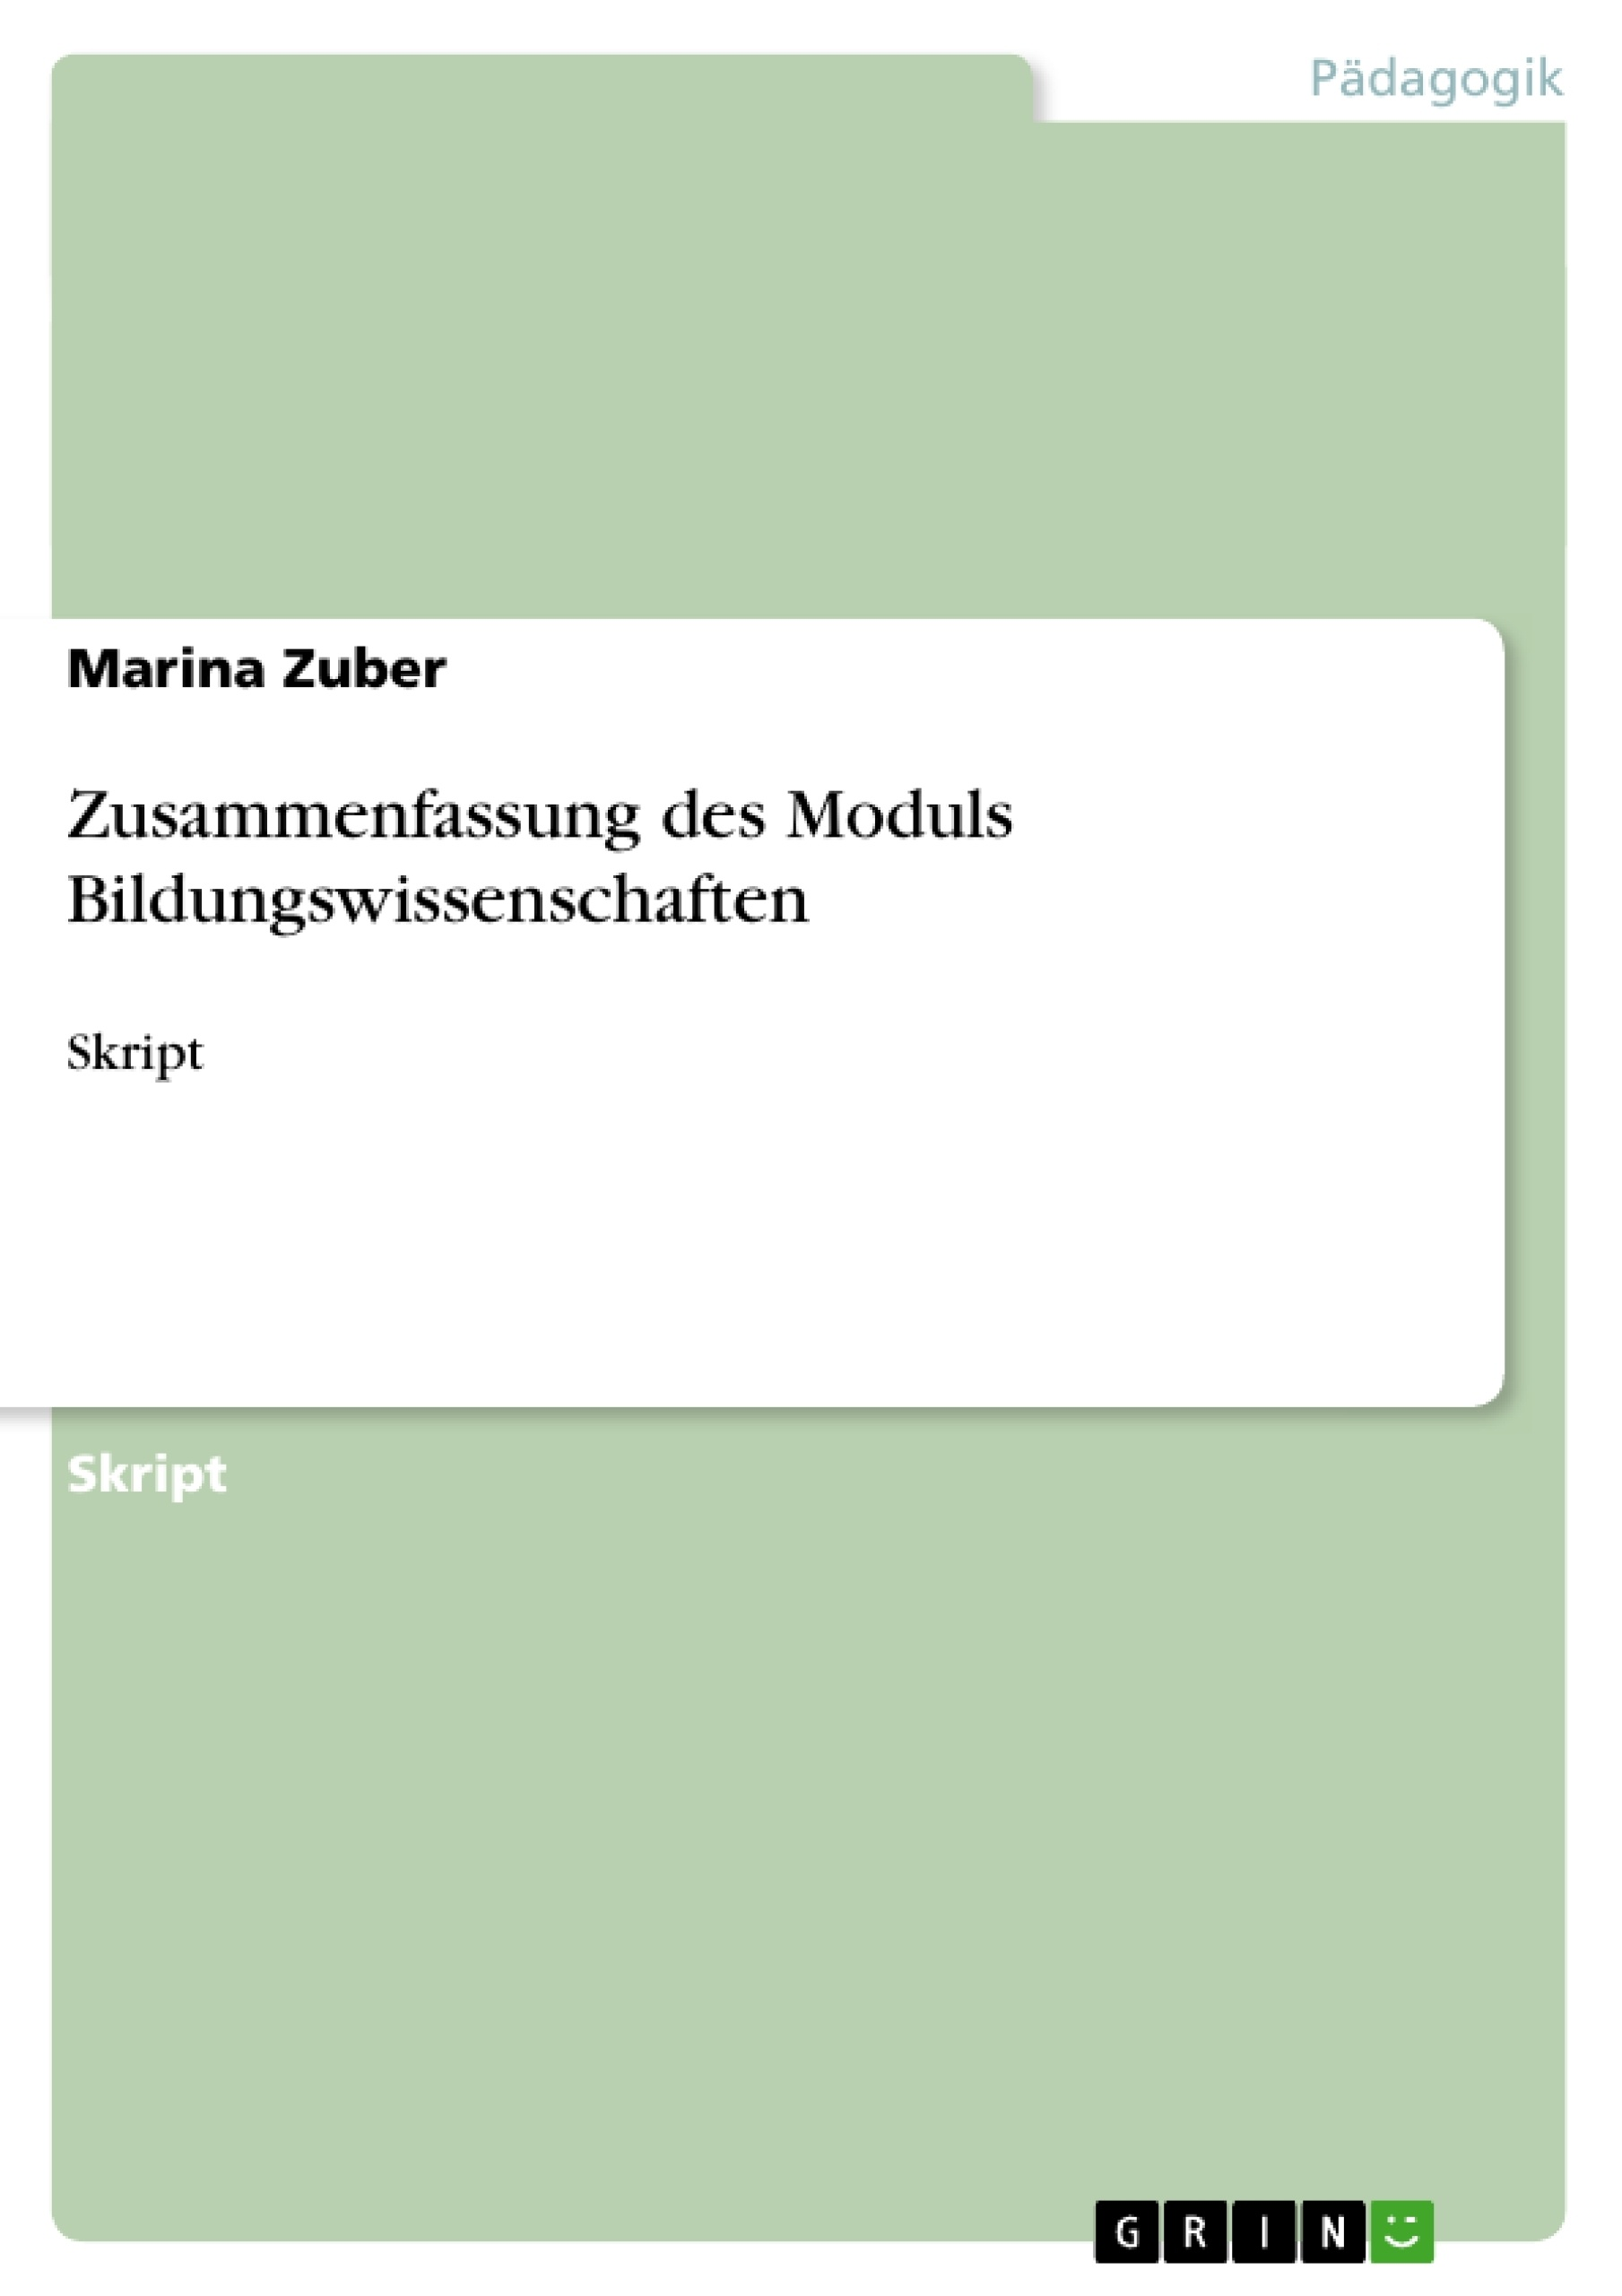 Titel: Zusammenfassung des Moduls Bildungswissenschaften